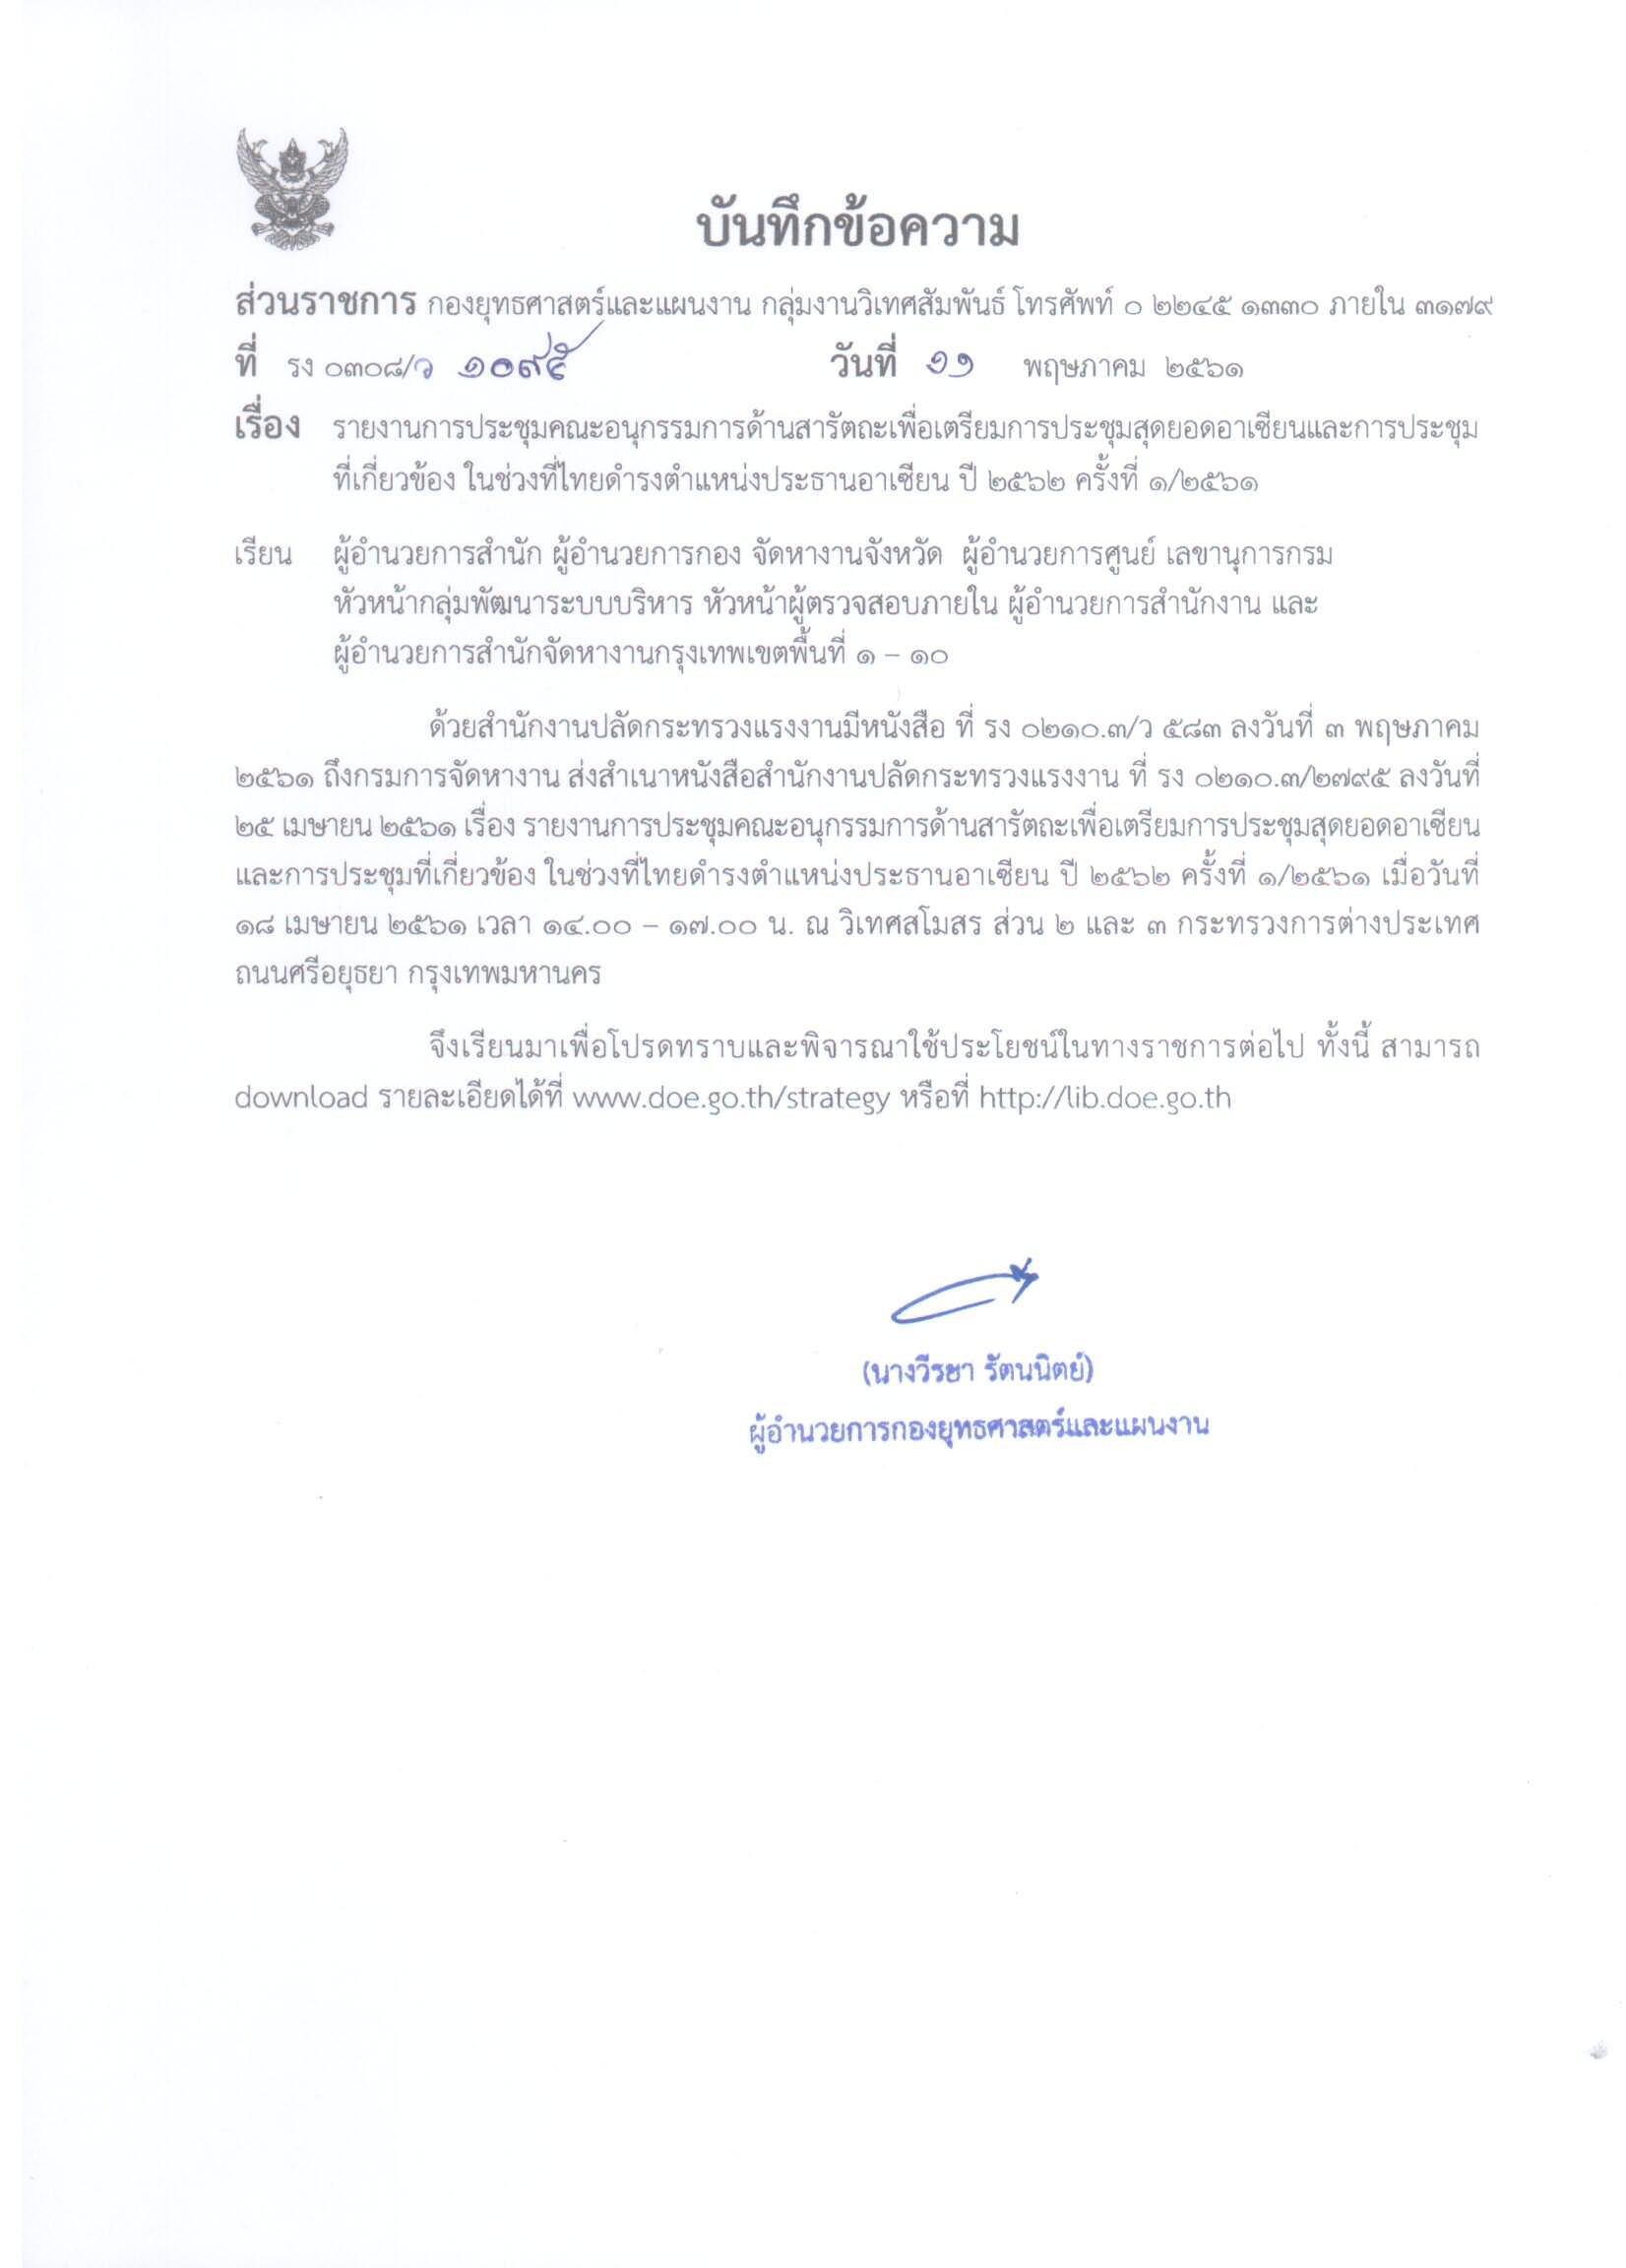 รายงานการประชุมคณะอนุกรรมการด้านสารัตถะเพื่อเตรียมการประชุมสุดยอดอาเซียนและการประชุมที่เกี่ยวข้อง